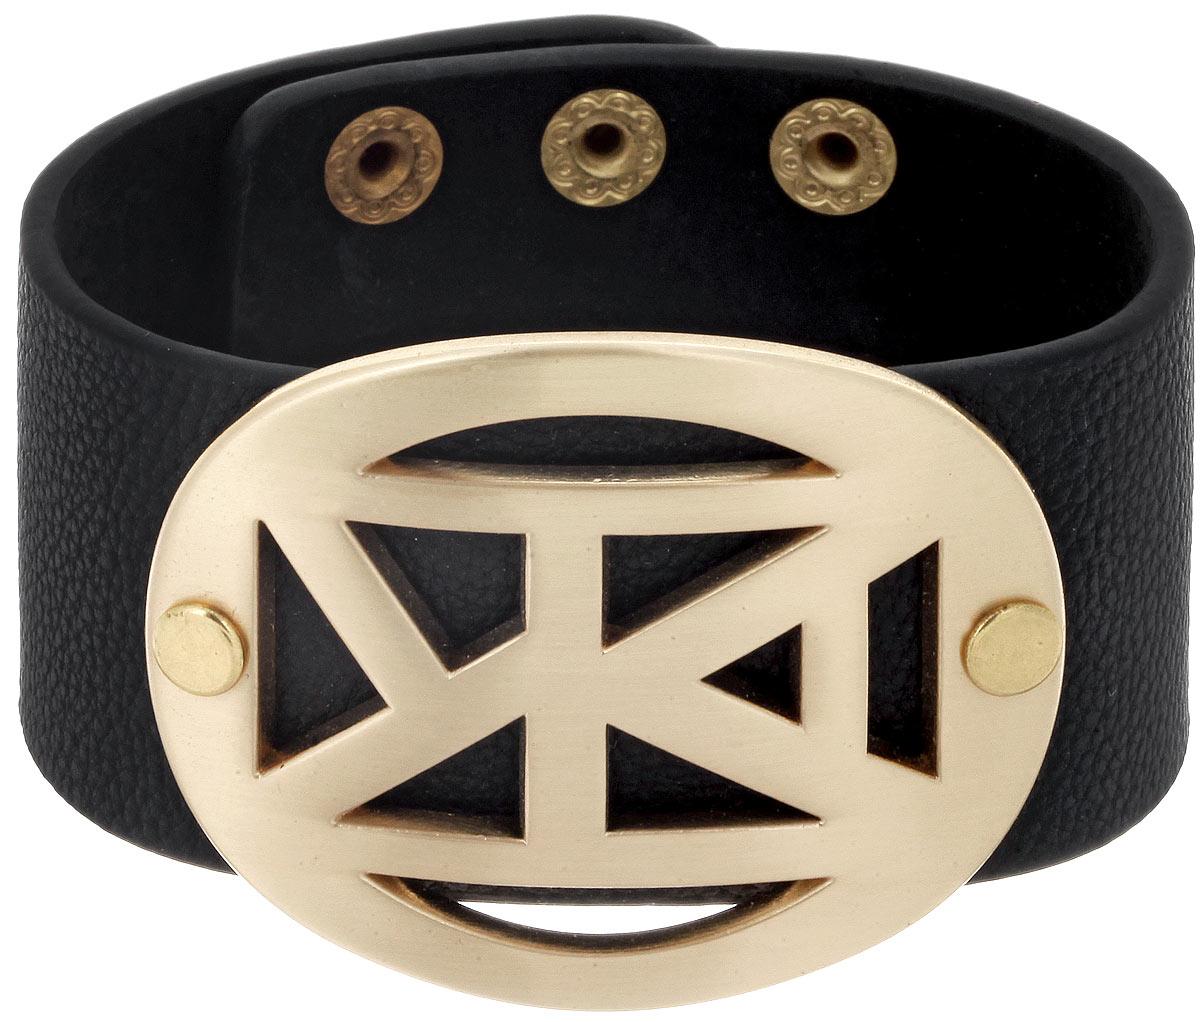 Браслет Taya, цвет: золотистый, черный. T-B-5487Браслет с подвескамиСтильный женский браслет Taya выполнен из искусственной кожи и дополнен декоративным металлическим элементом. Застегивается на кнопки и имеет три позиции для регулировки размера.Такой браслет внесет изюминку в любой образ и подчеркнет индивидуальность.